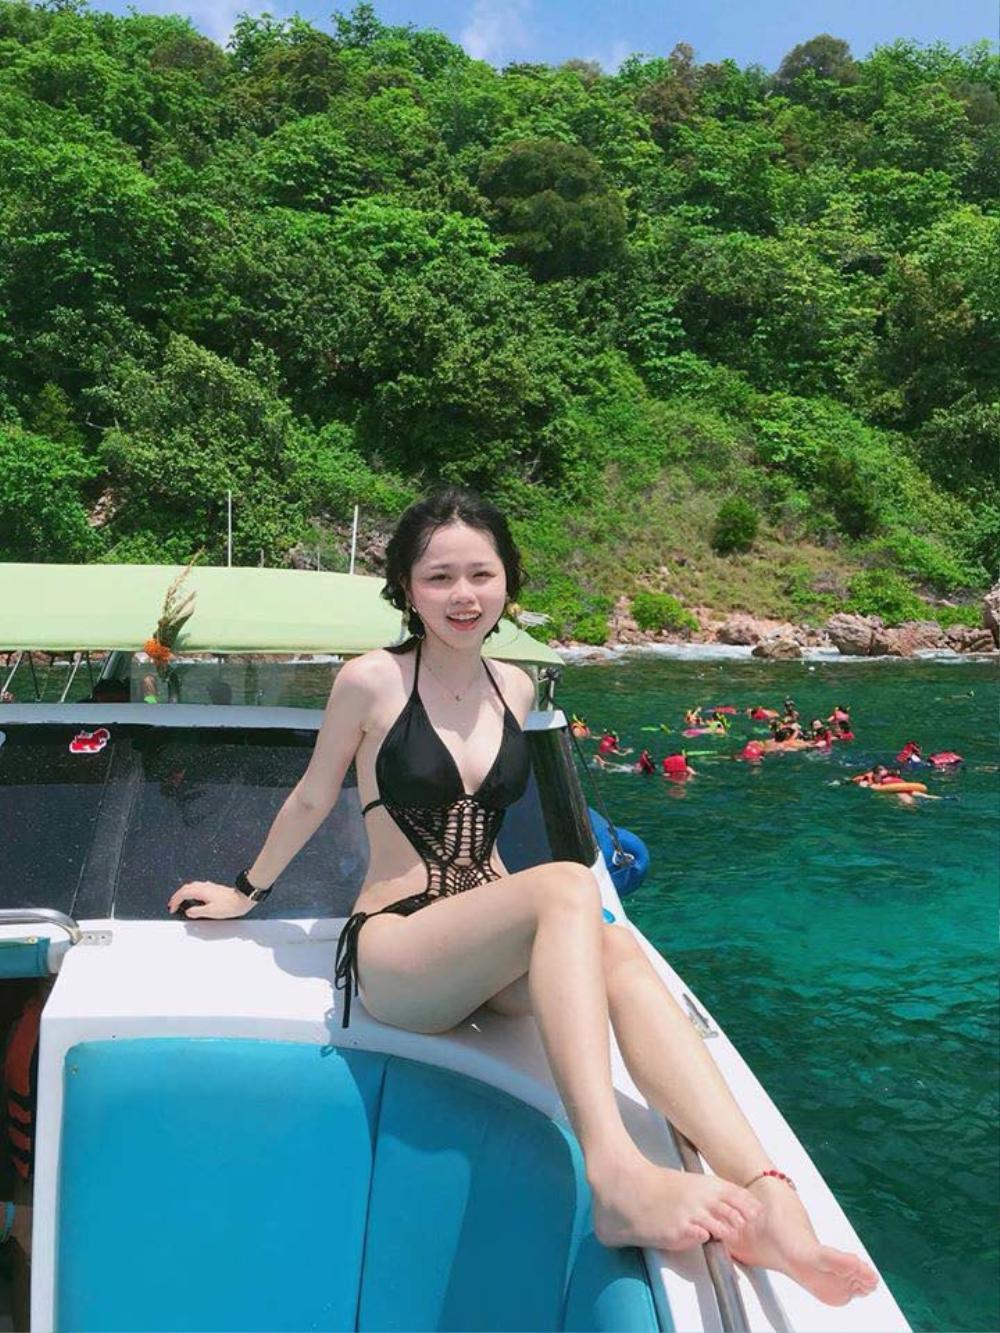 Huỳnh Anh- bạn gái cũ Quang Hải cấp tốc giảm cân bằng thực đơn không ai ngờ Ảnh 4